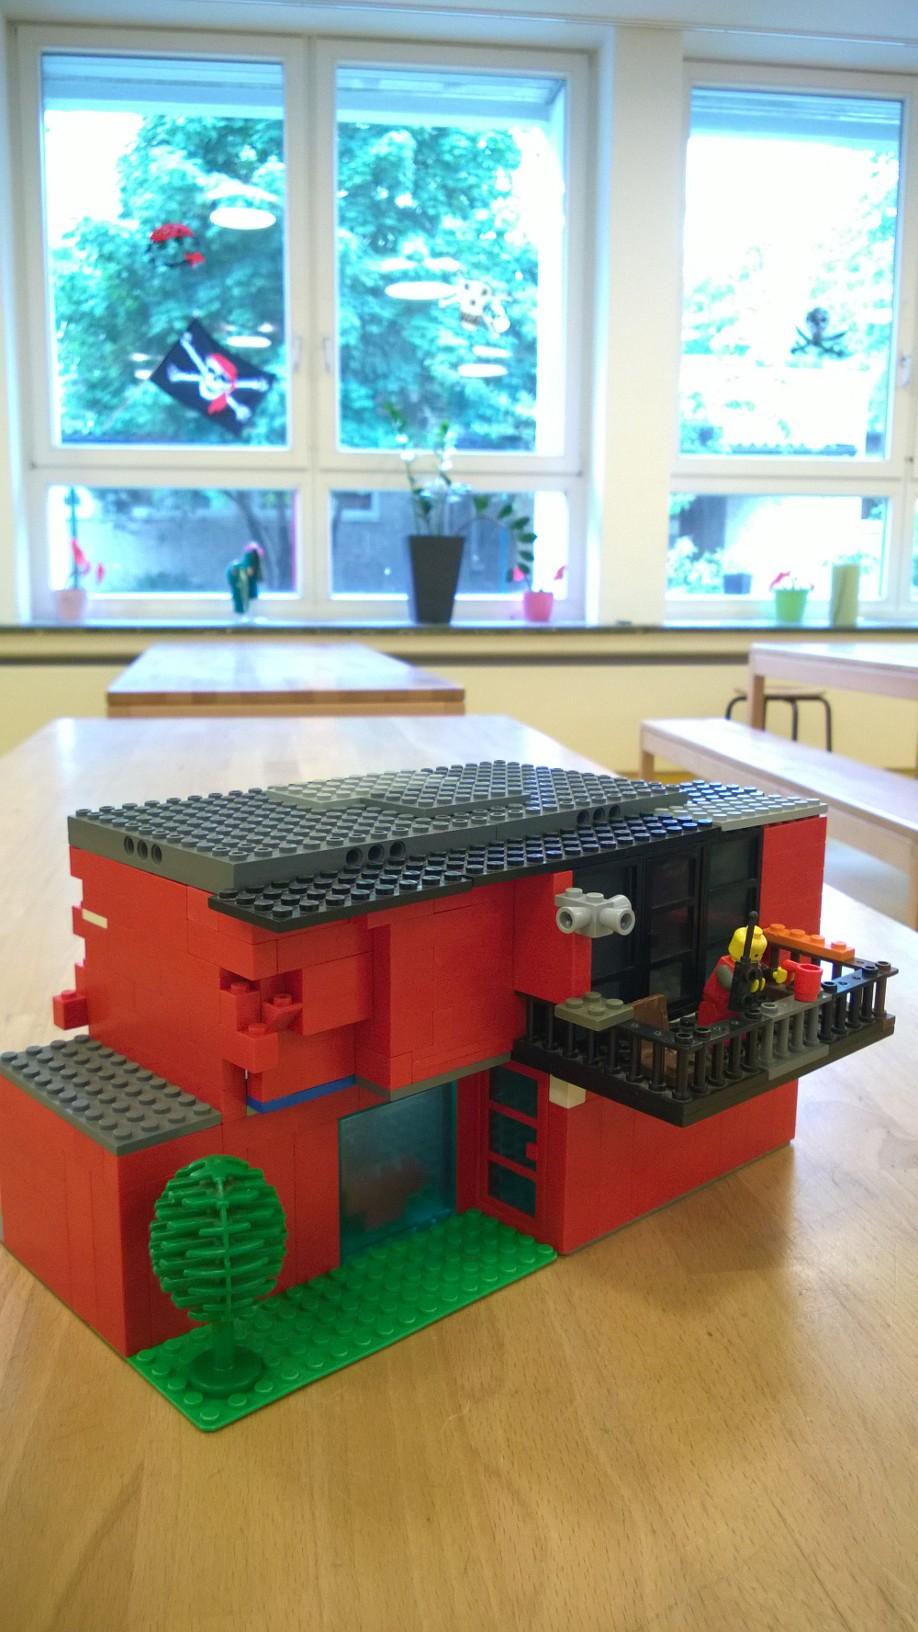 Lego-Architektur